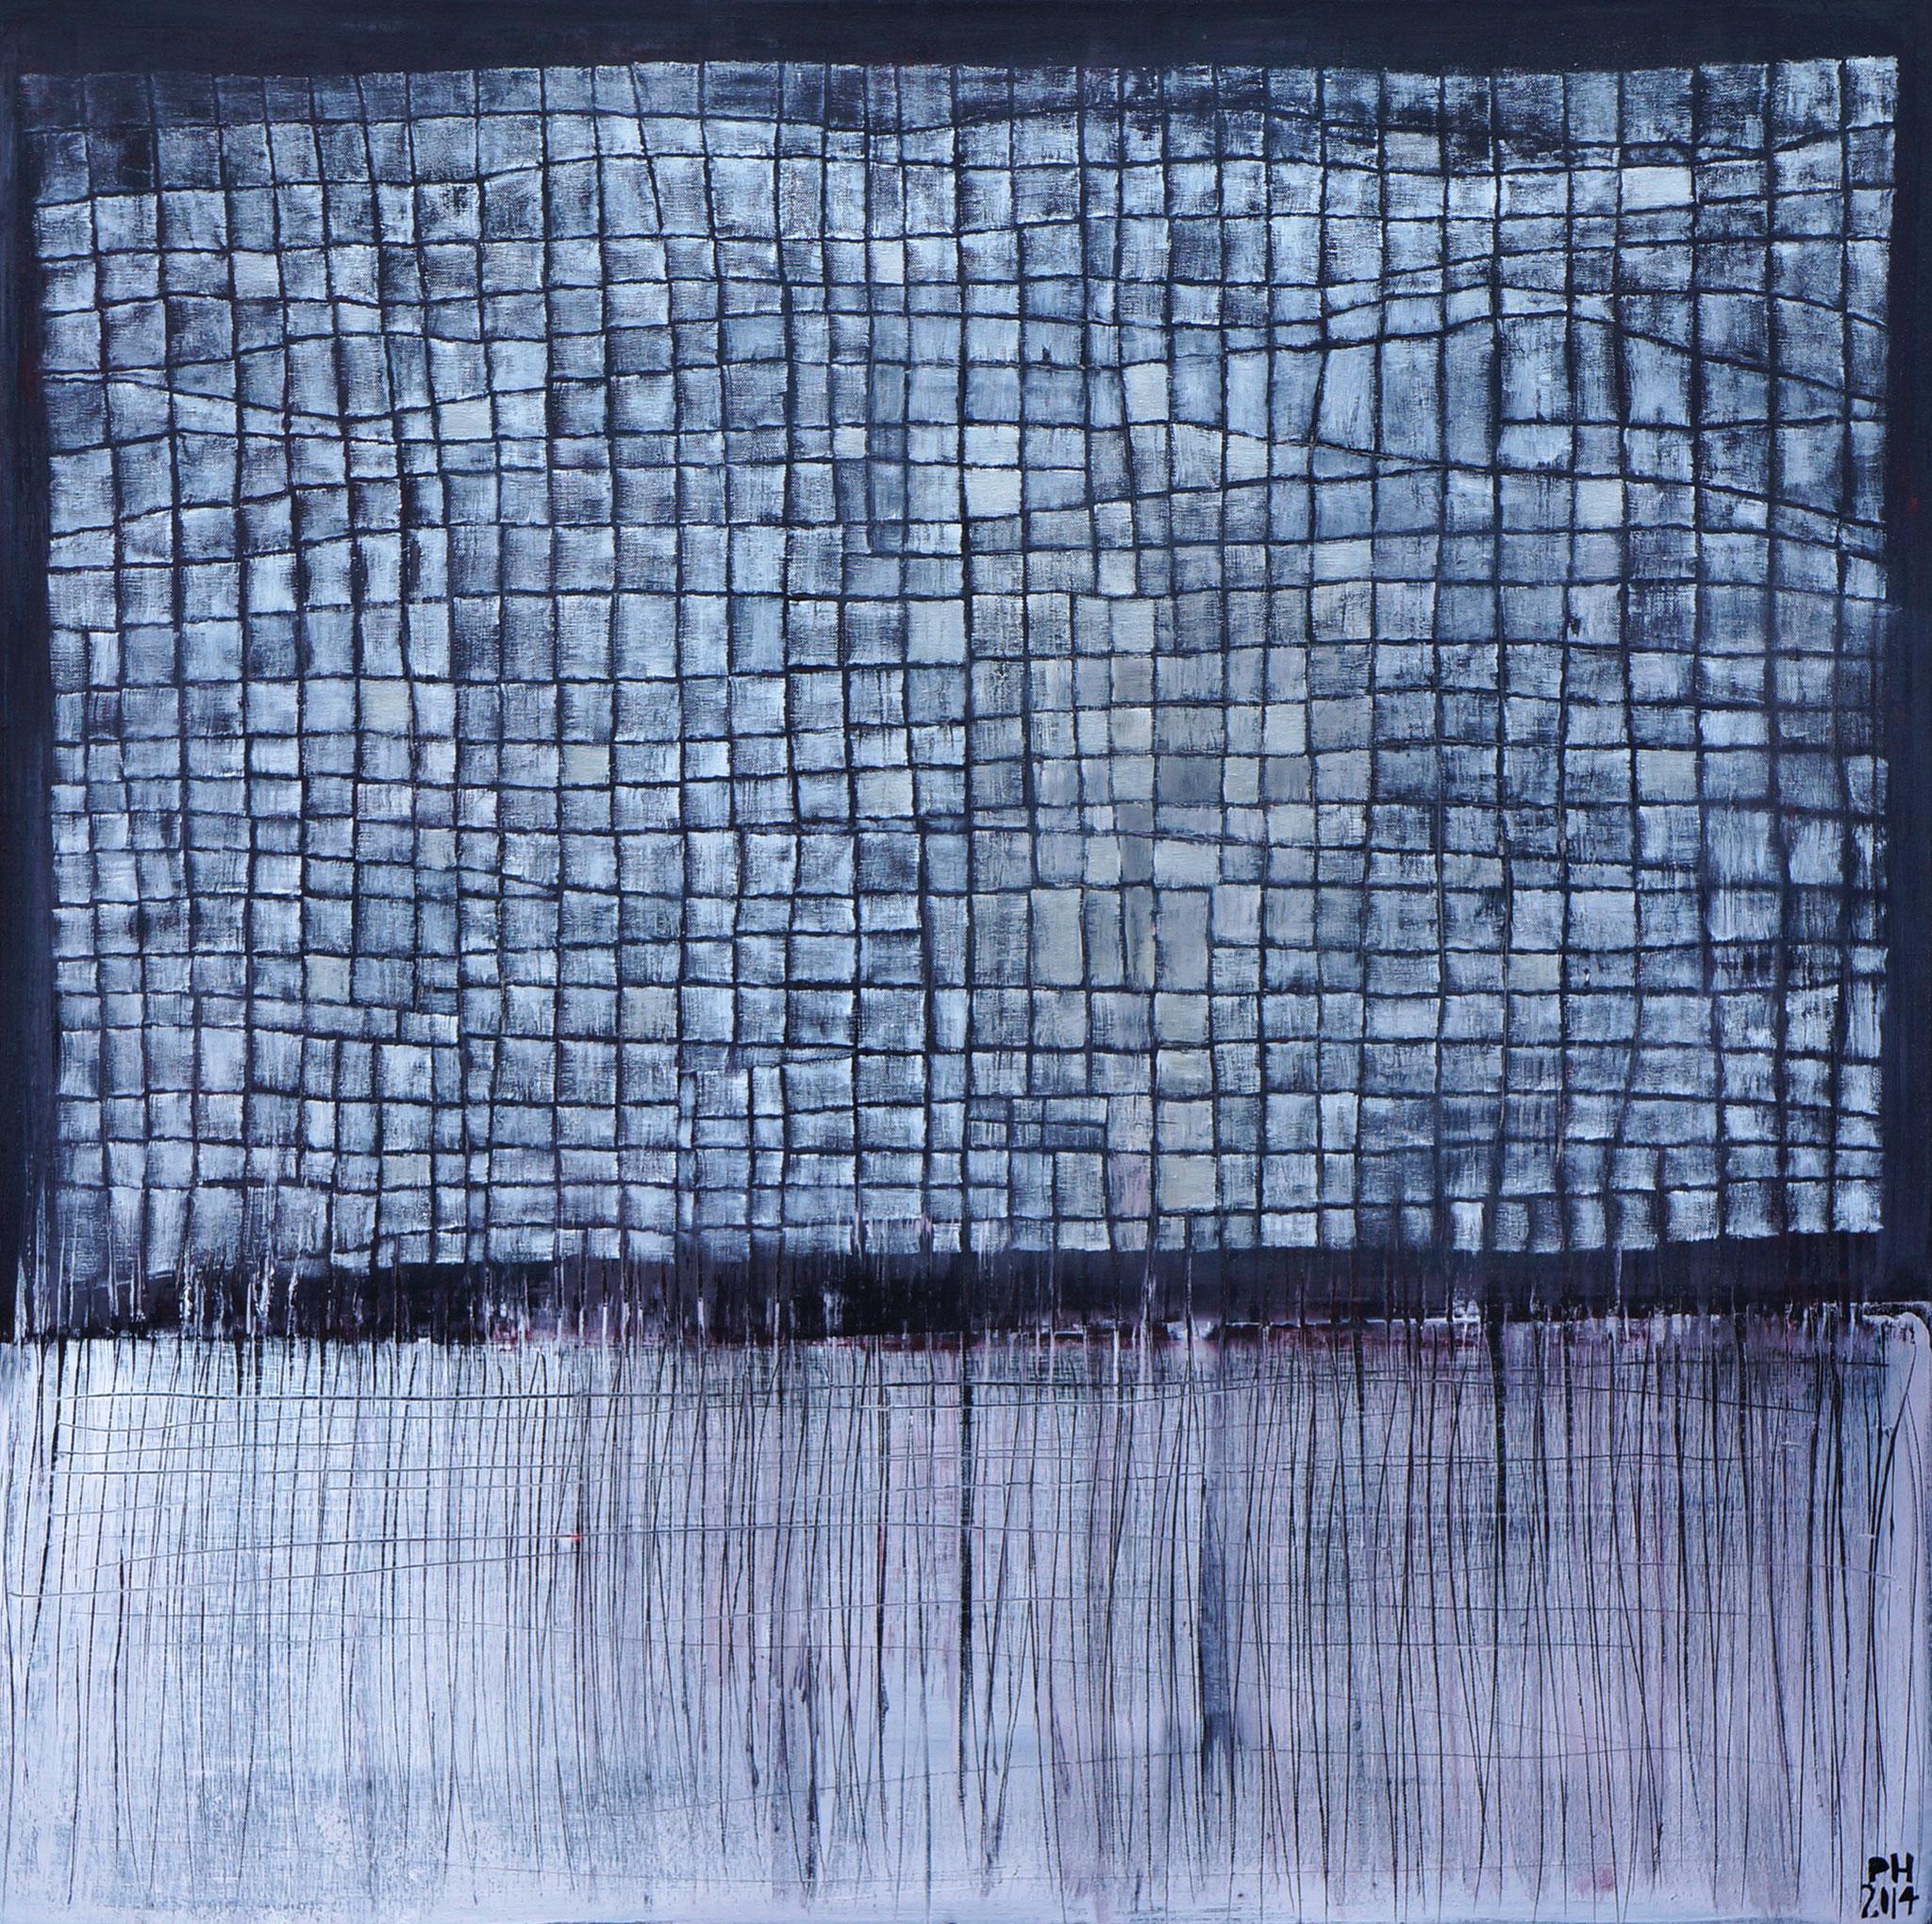 No. 52 - Mischtechnik Acryl auf Leinwand 100x100 cm (2014)